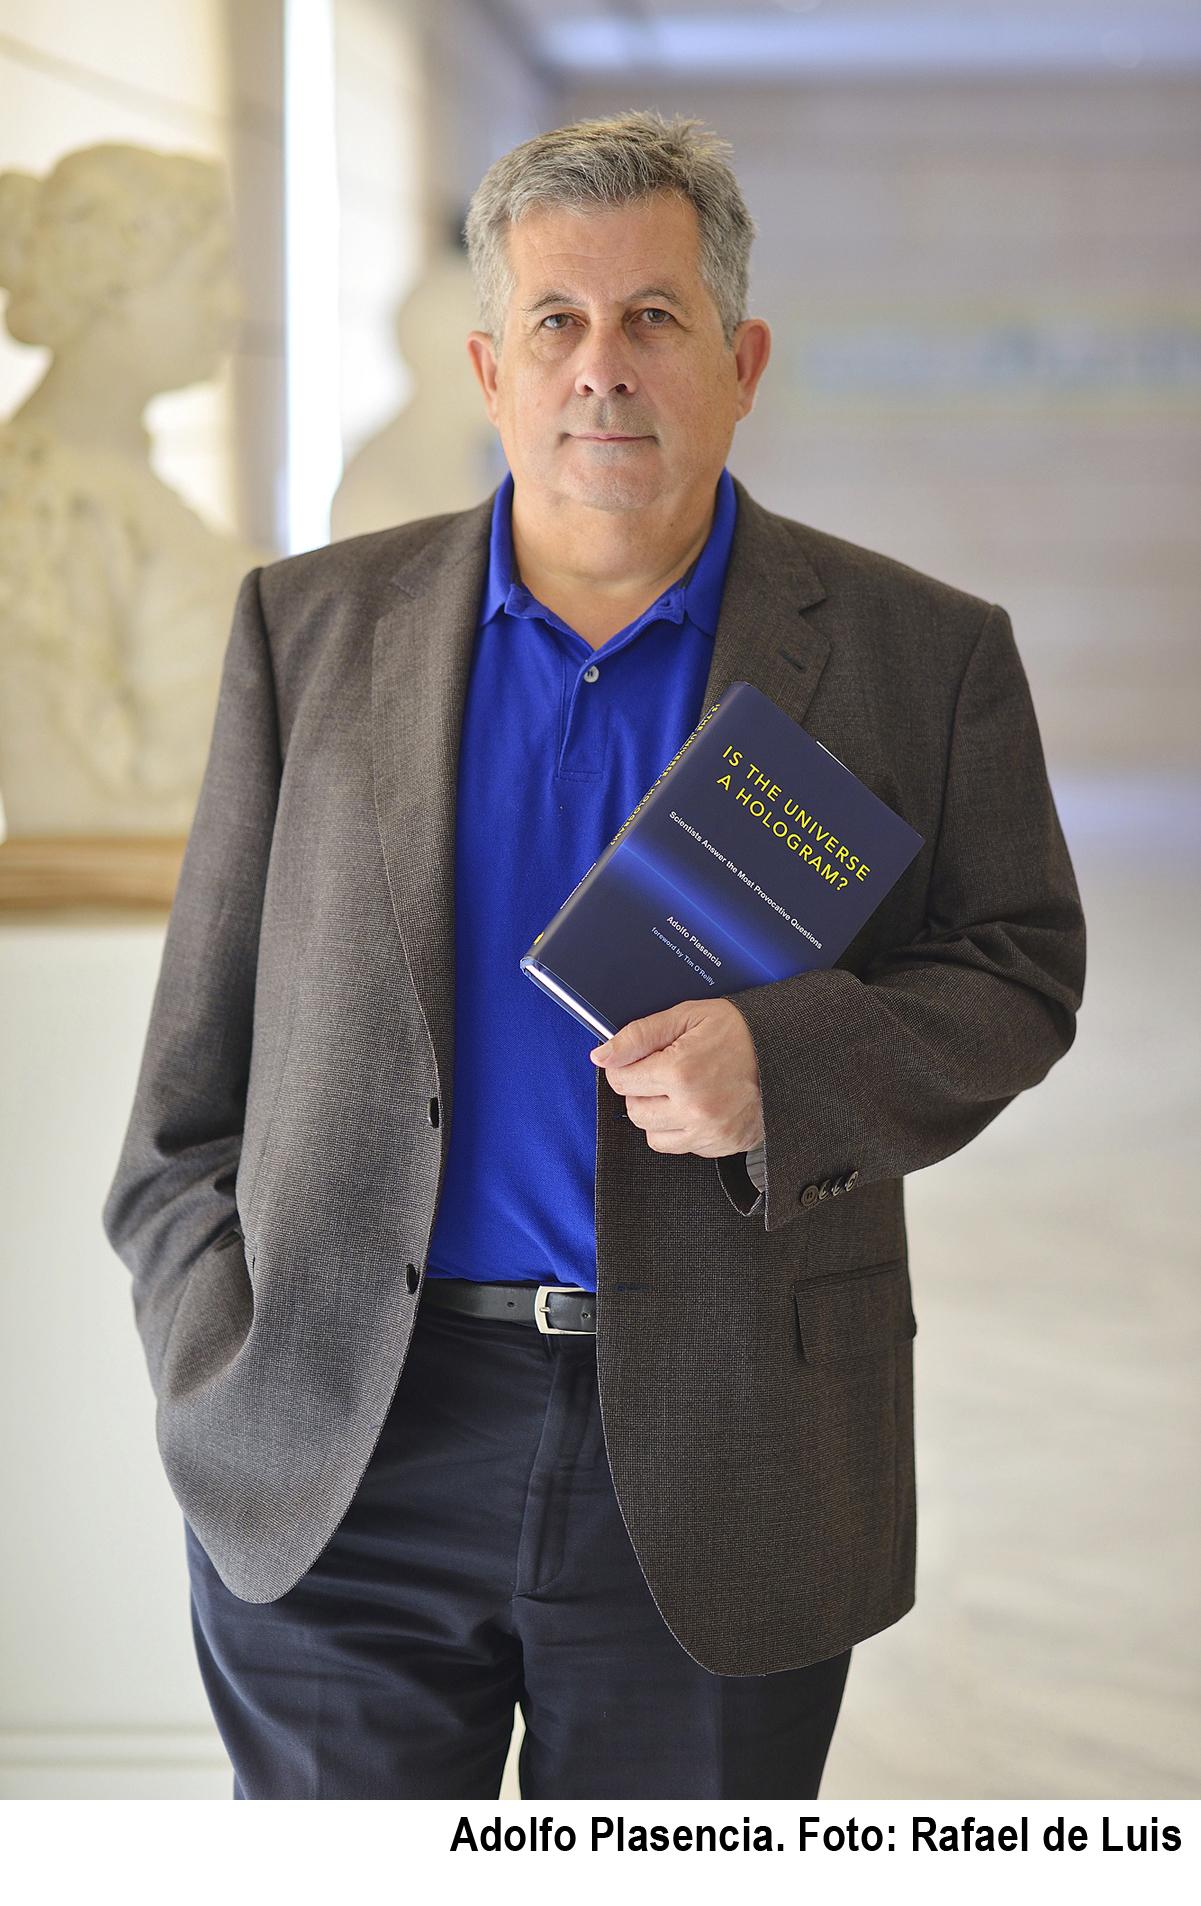 Foto Adolfo y el libro con credito Rafa